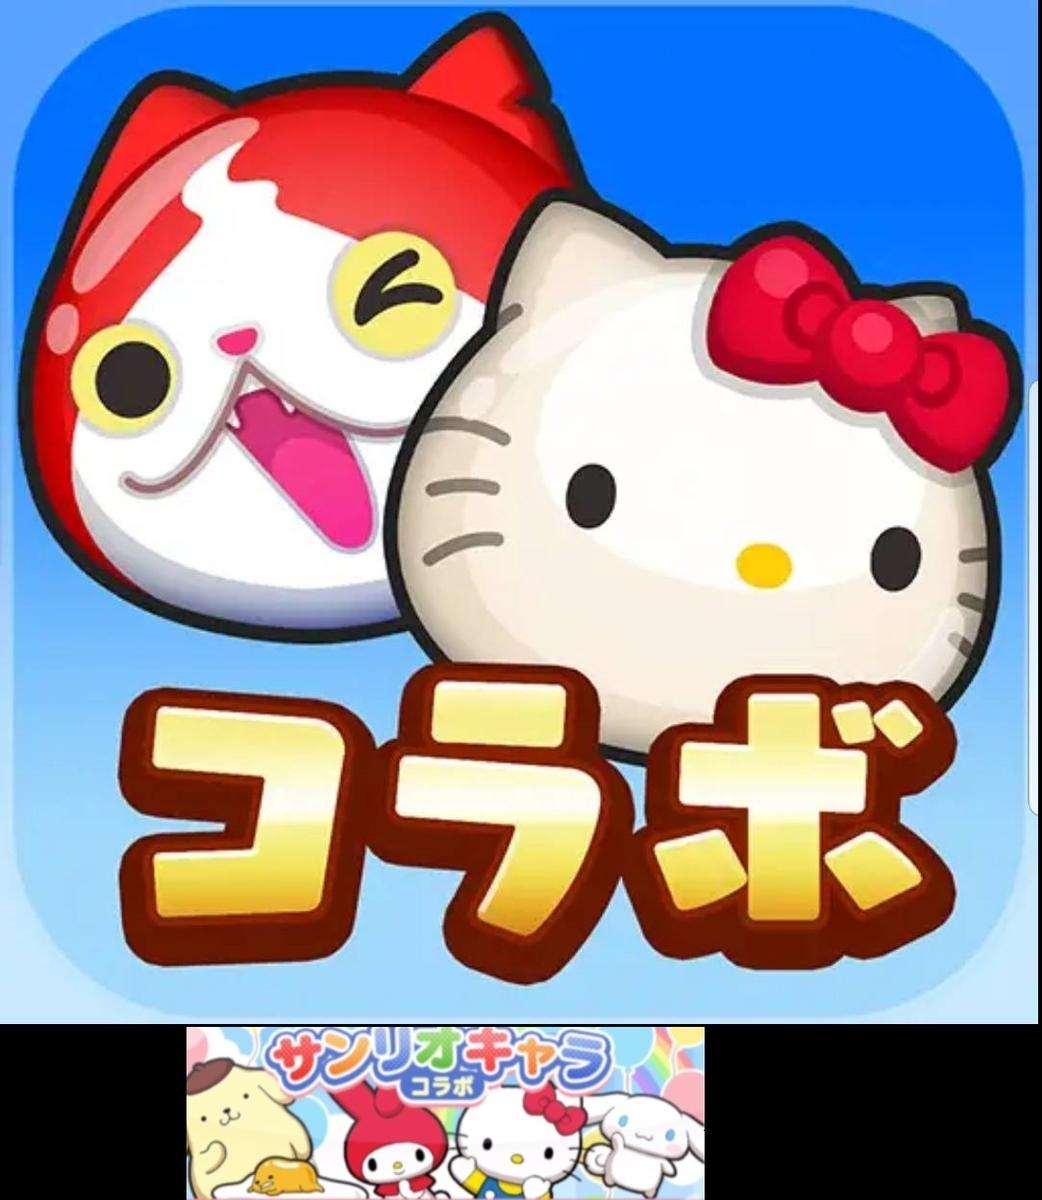 f:id:haruhiko1112:20190624141456j:plain